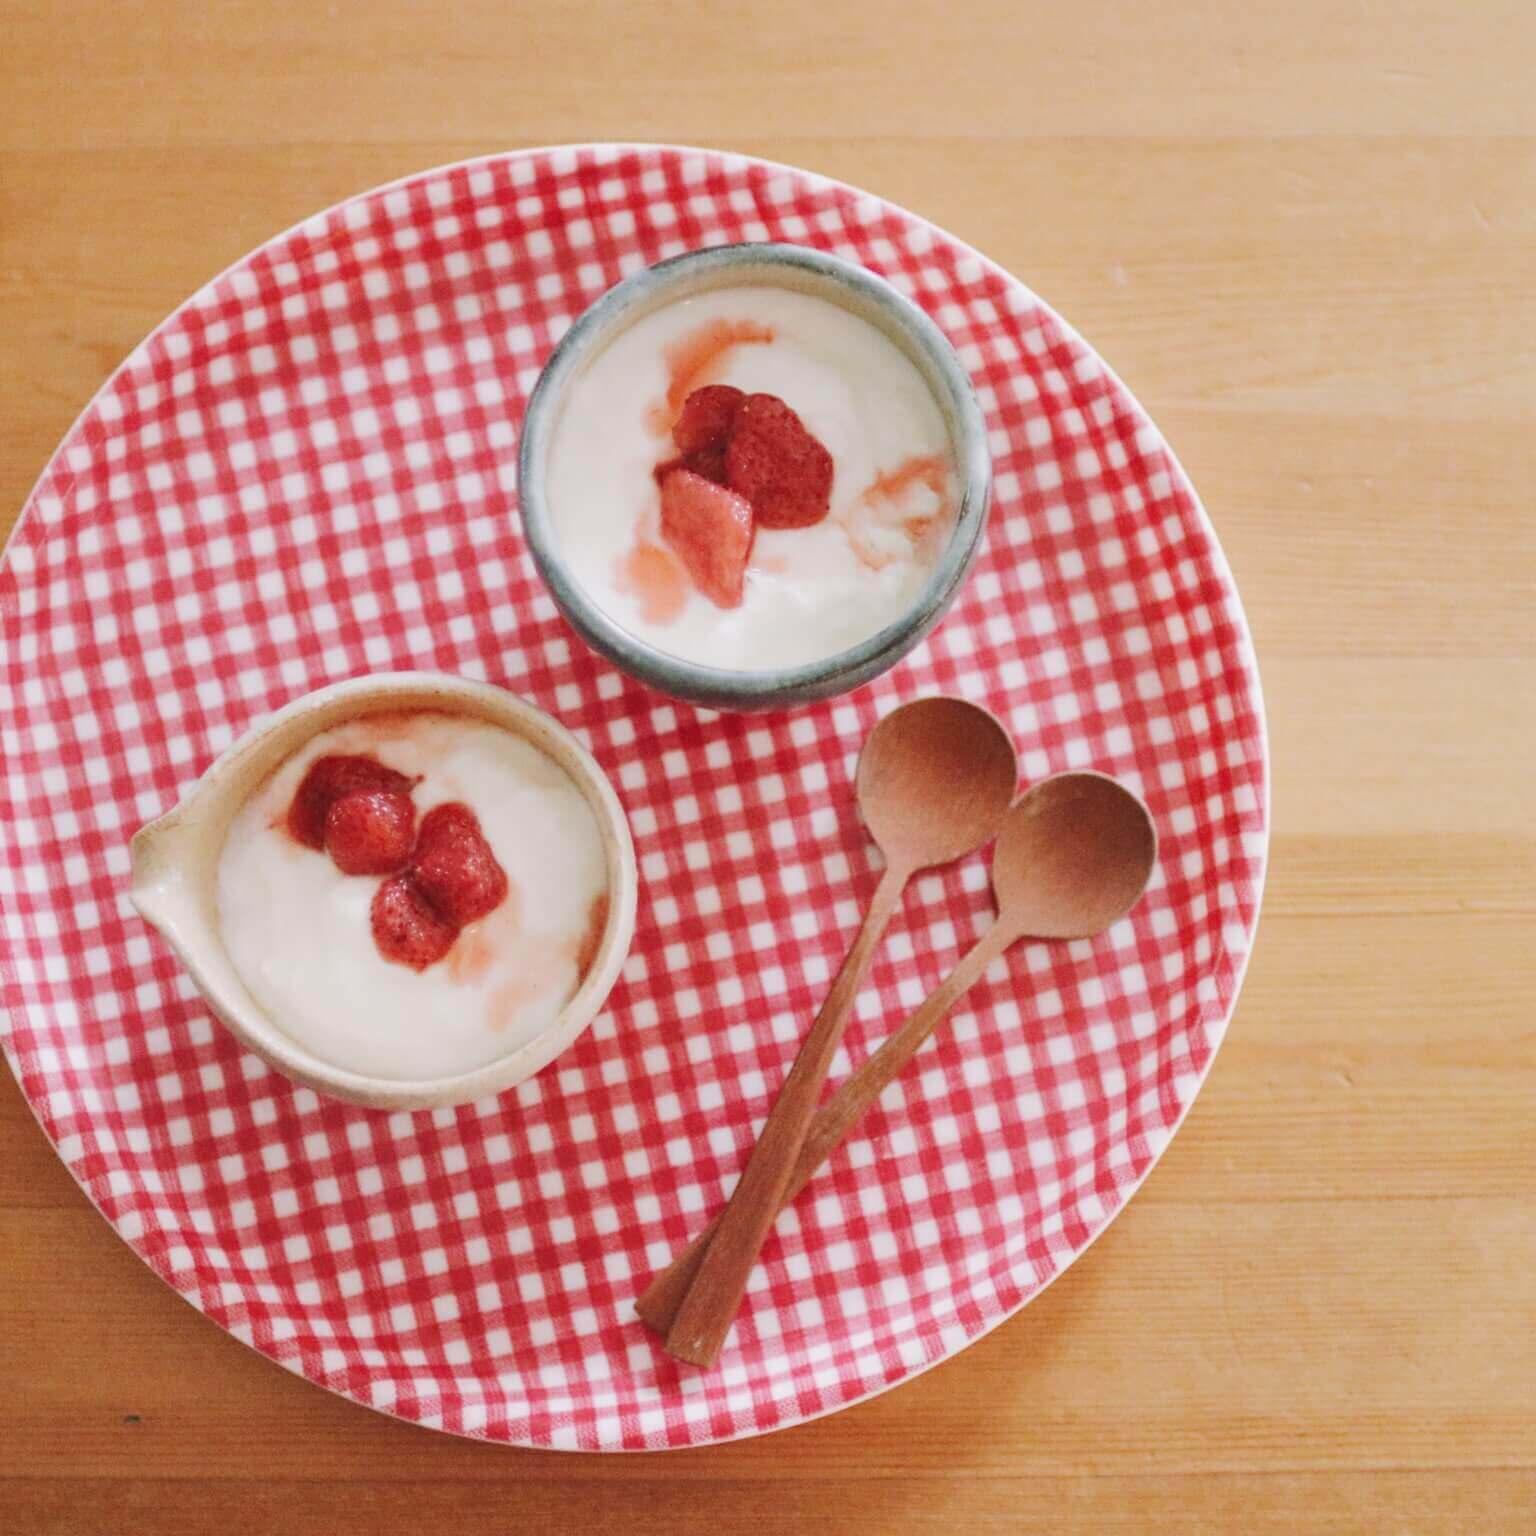 【2種類の「いちごシロップ」!内田真美さんレシピが大人気!】2人分の感想をチェック♪